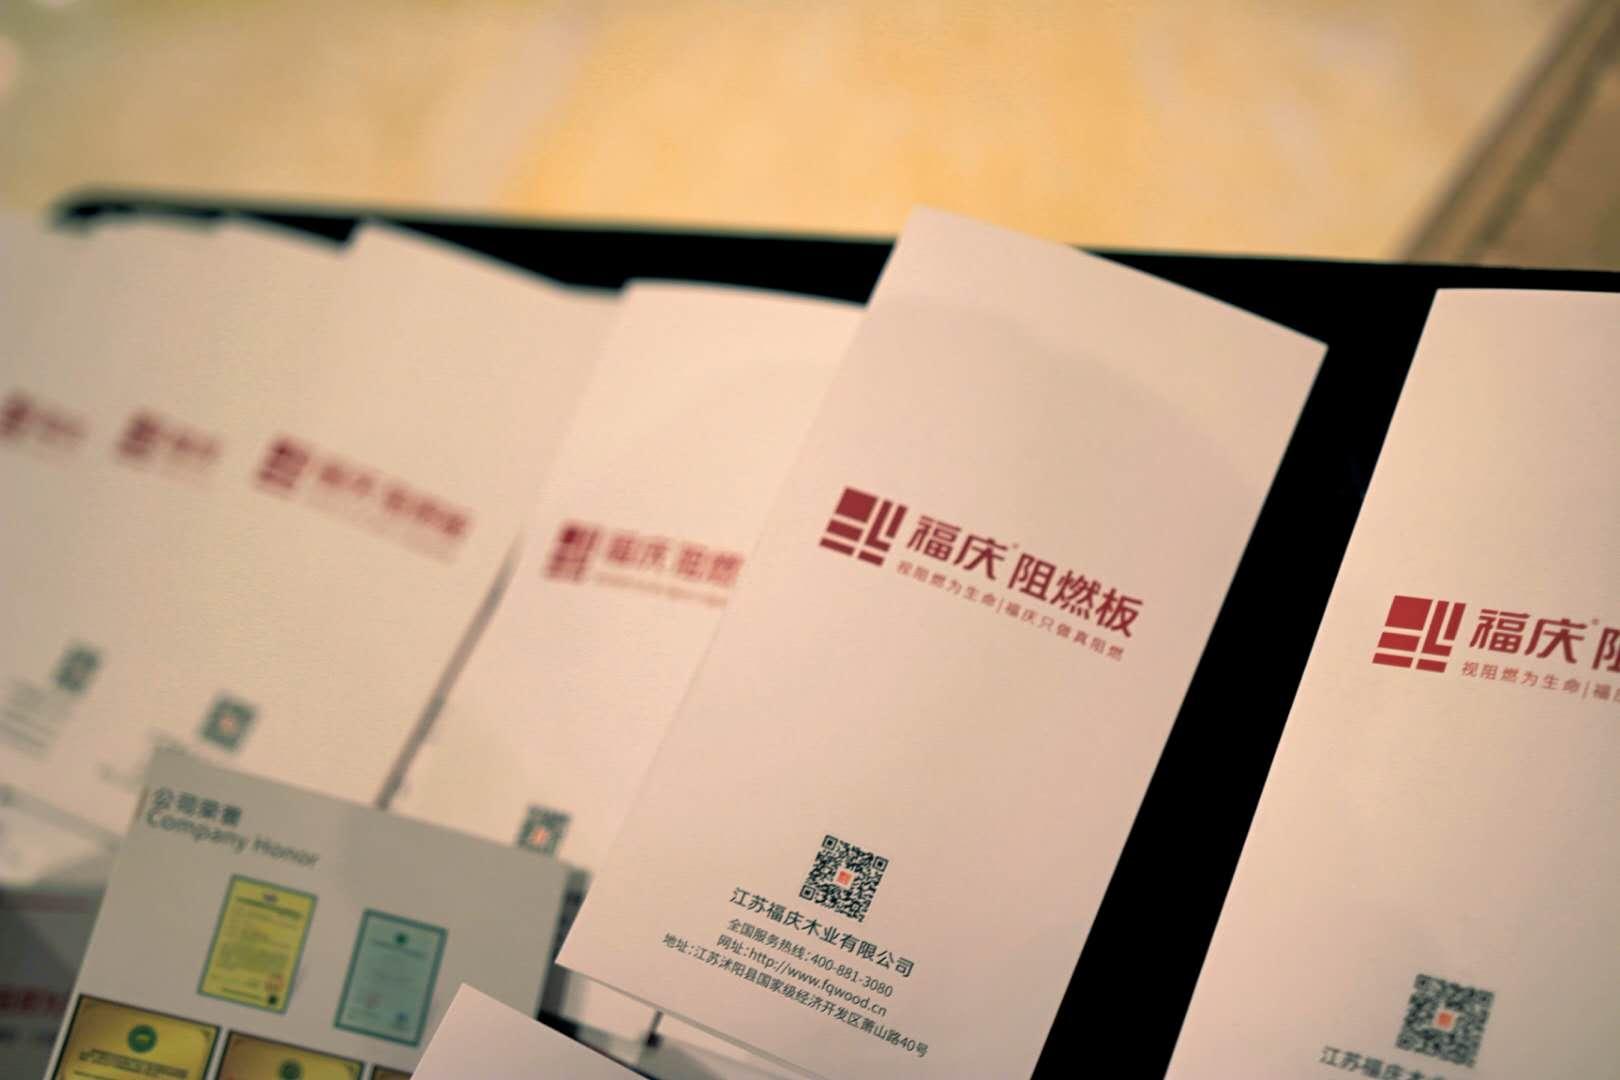 【建材網】福慶家居2020品牌升級戰略全球發布會隆重舉行!